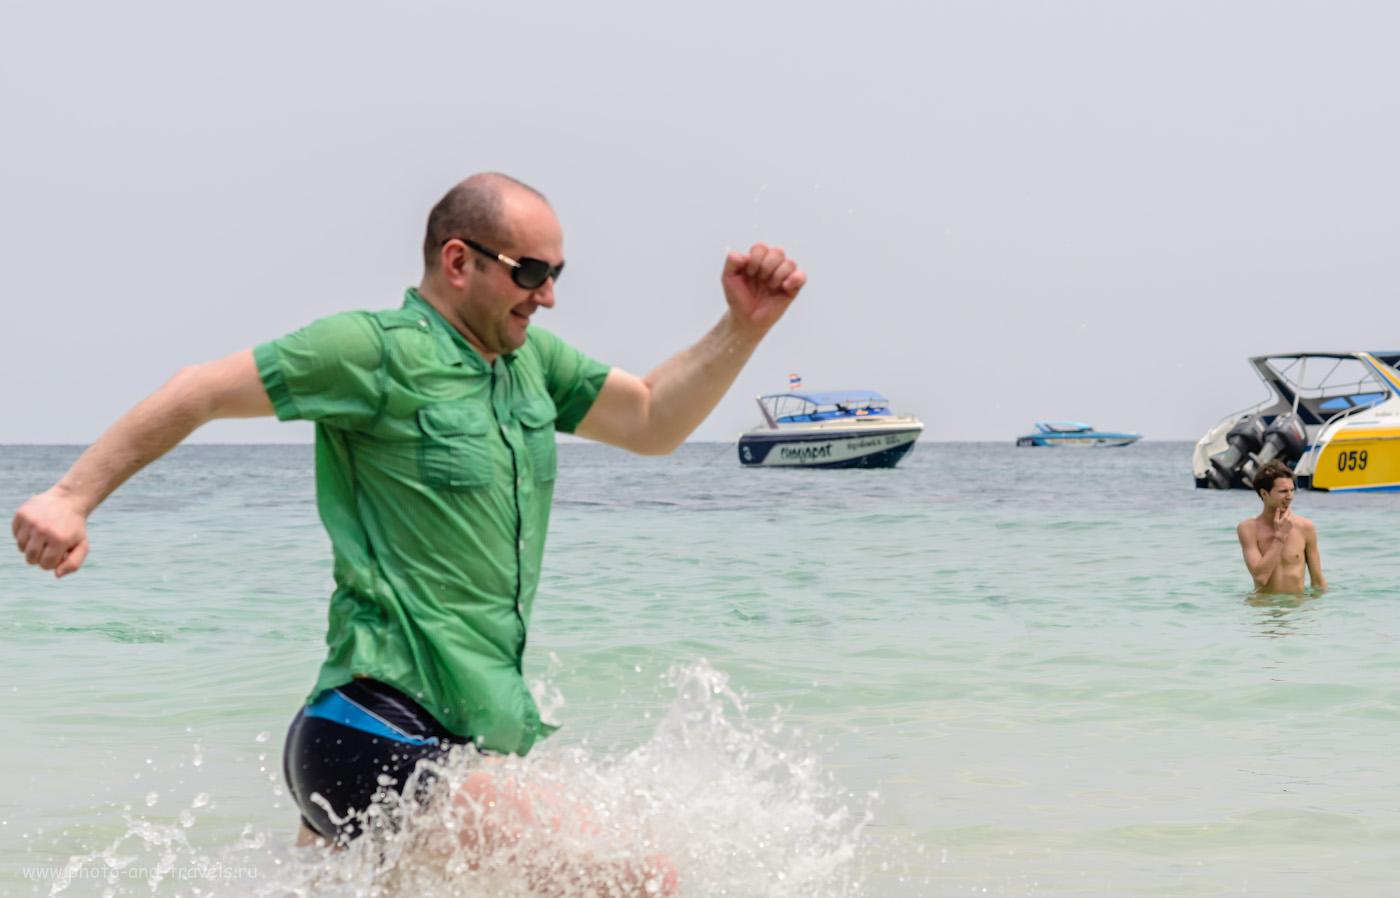 """13. На пляже Таваен (Tawaen beach) на острове Ко Лан невозможно сидеть спокойно. Как мы плавали на Koh Larn с пирса Бали Хай (Bali Hai Pier) самостоятельно. Снято на портретный объектив AF Nikkor 85mm f/1.8D, который предназначен для фотоаппаратов с """"отверткой"""". Параметры съемки: выдержка 1/1600 сек, компенсация экспозиции 0 eV, апертура f/7.1, ФР=85 мм, светочувствительность 400."""